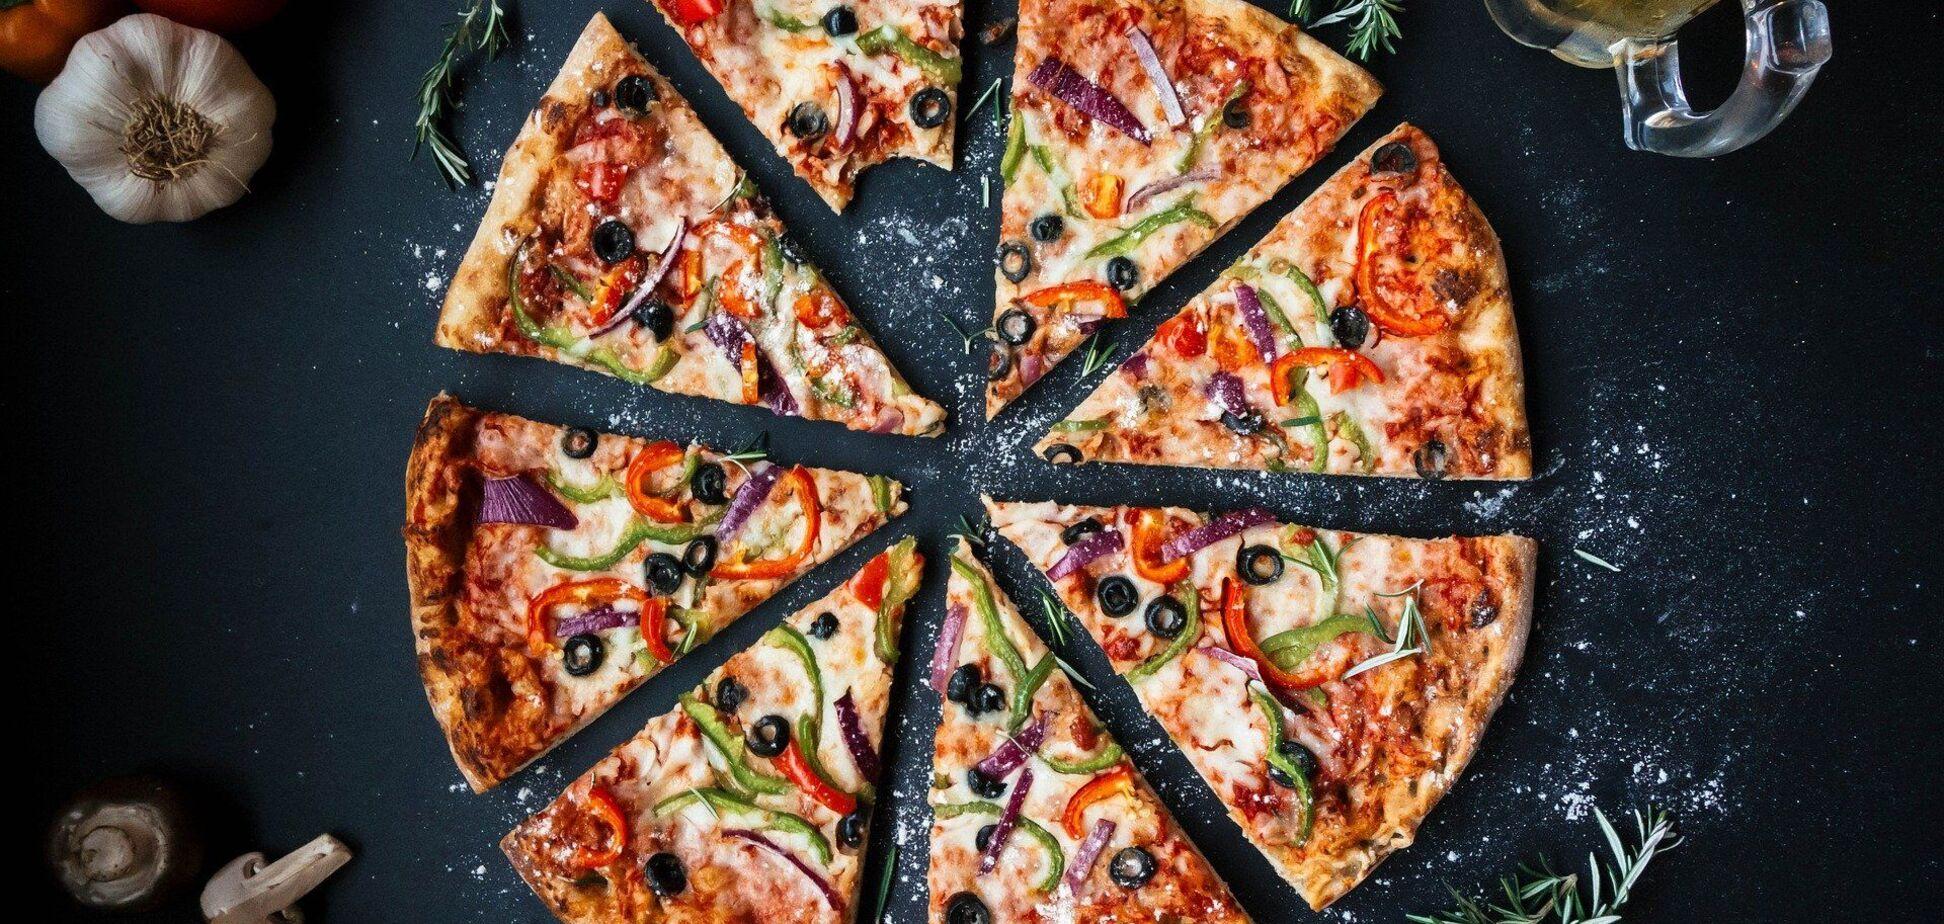 От пиццы на обед лучше отказаться